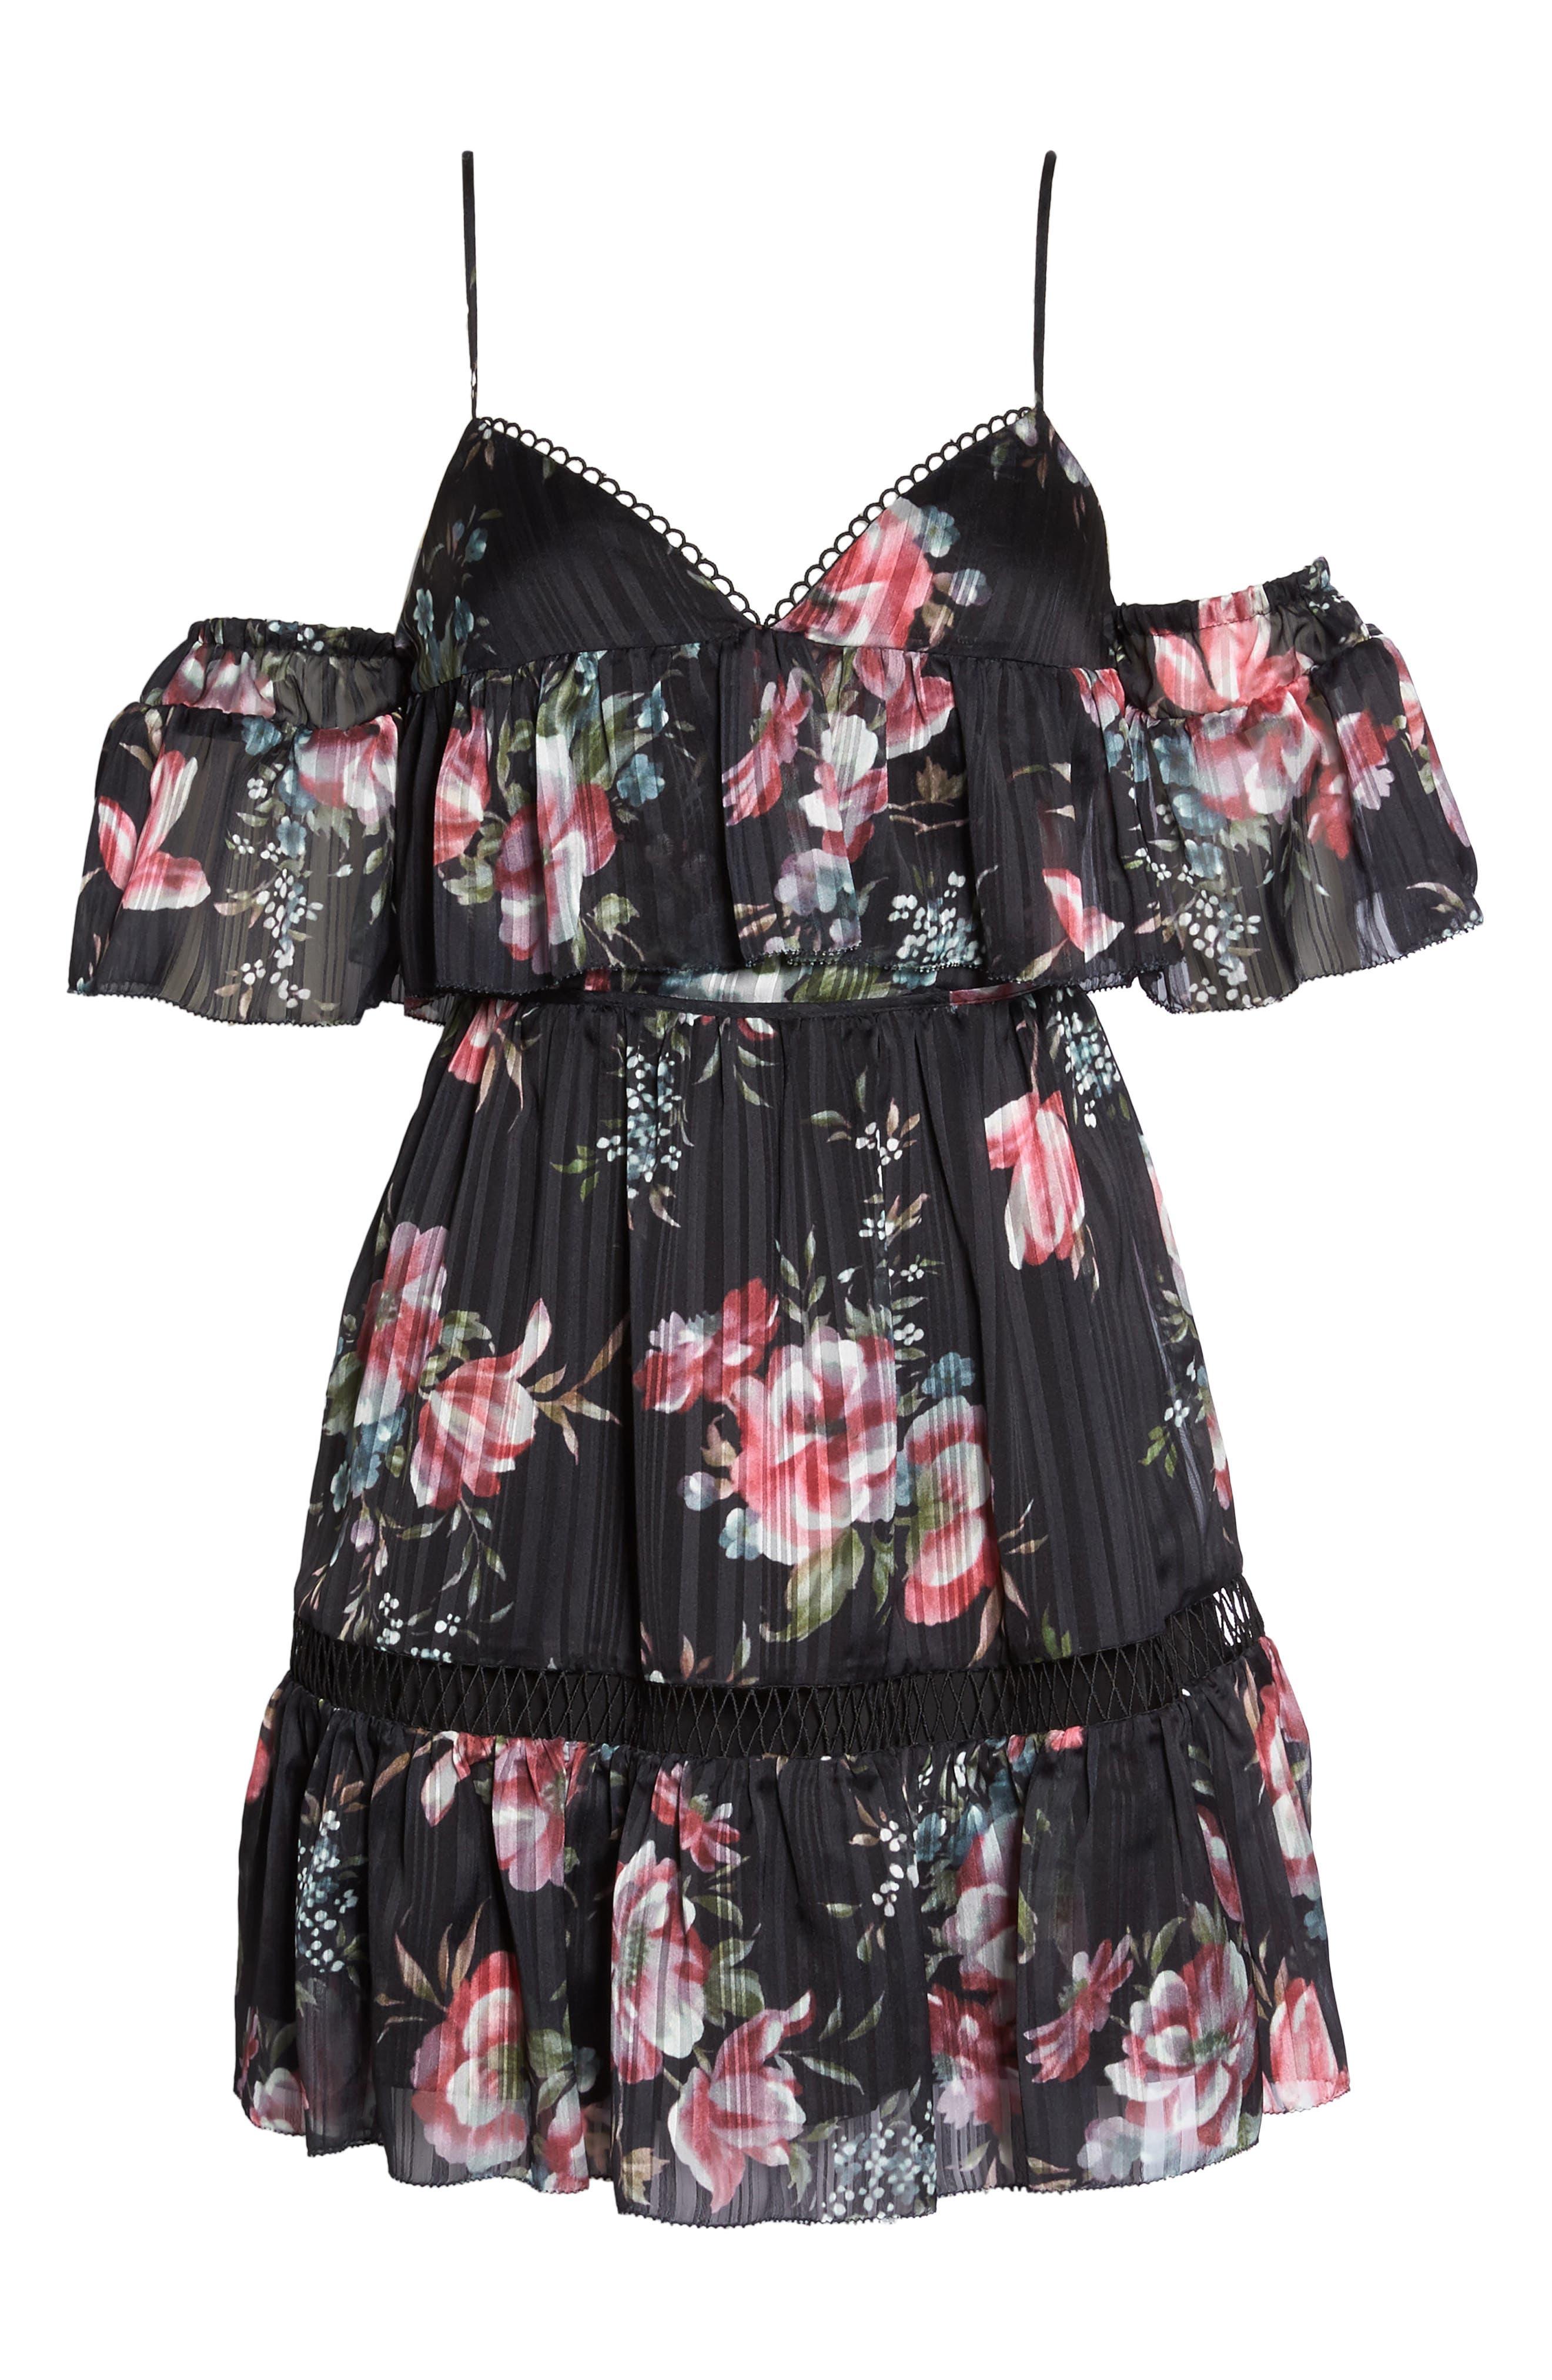 Belonging Floral Cold Shoulder Minidress,                             Alternate thumbnail 6, color,                             Dark Floral Print